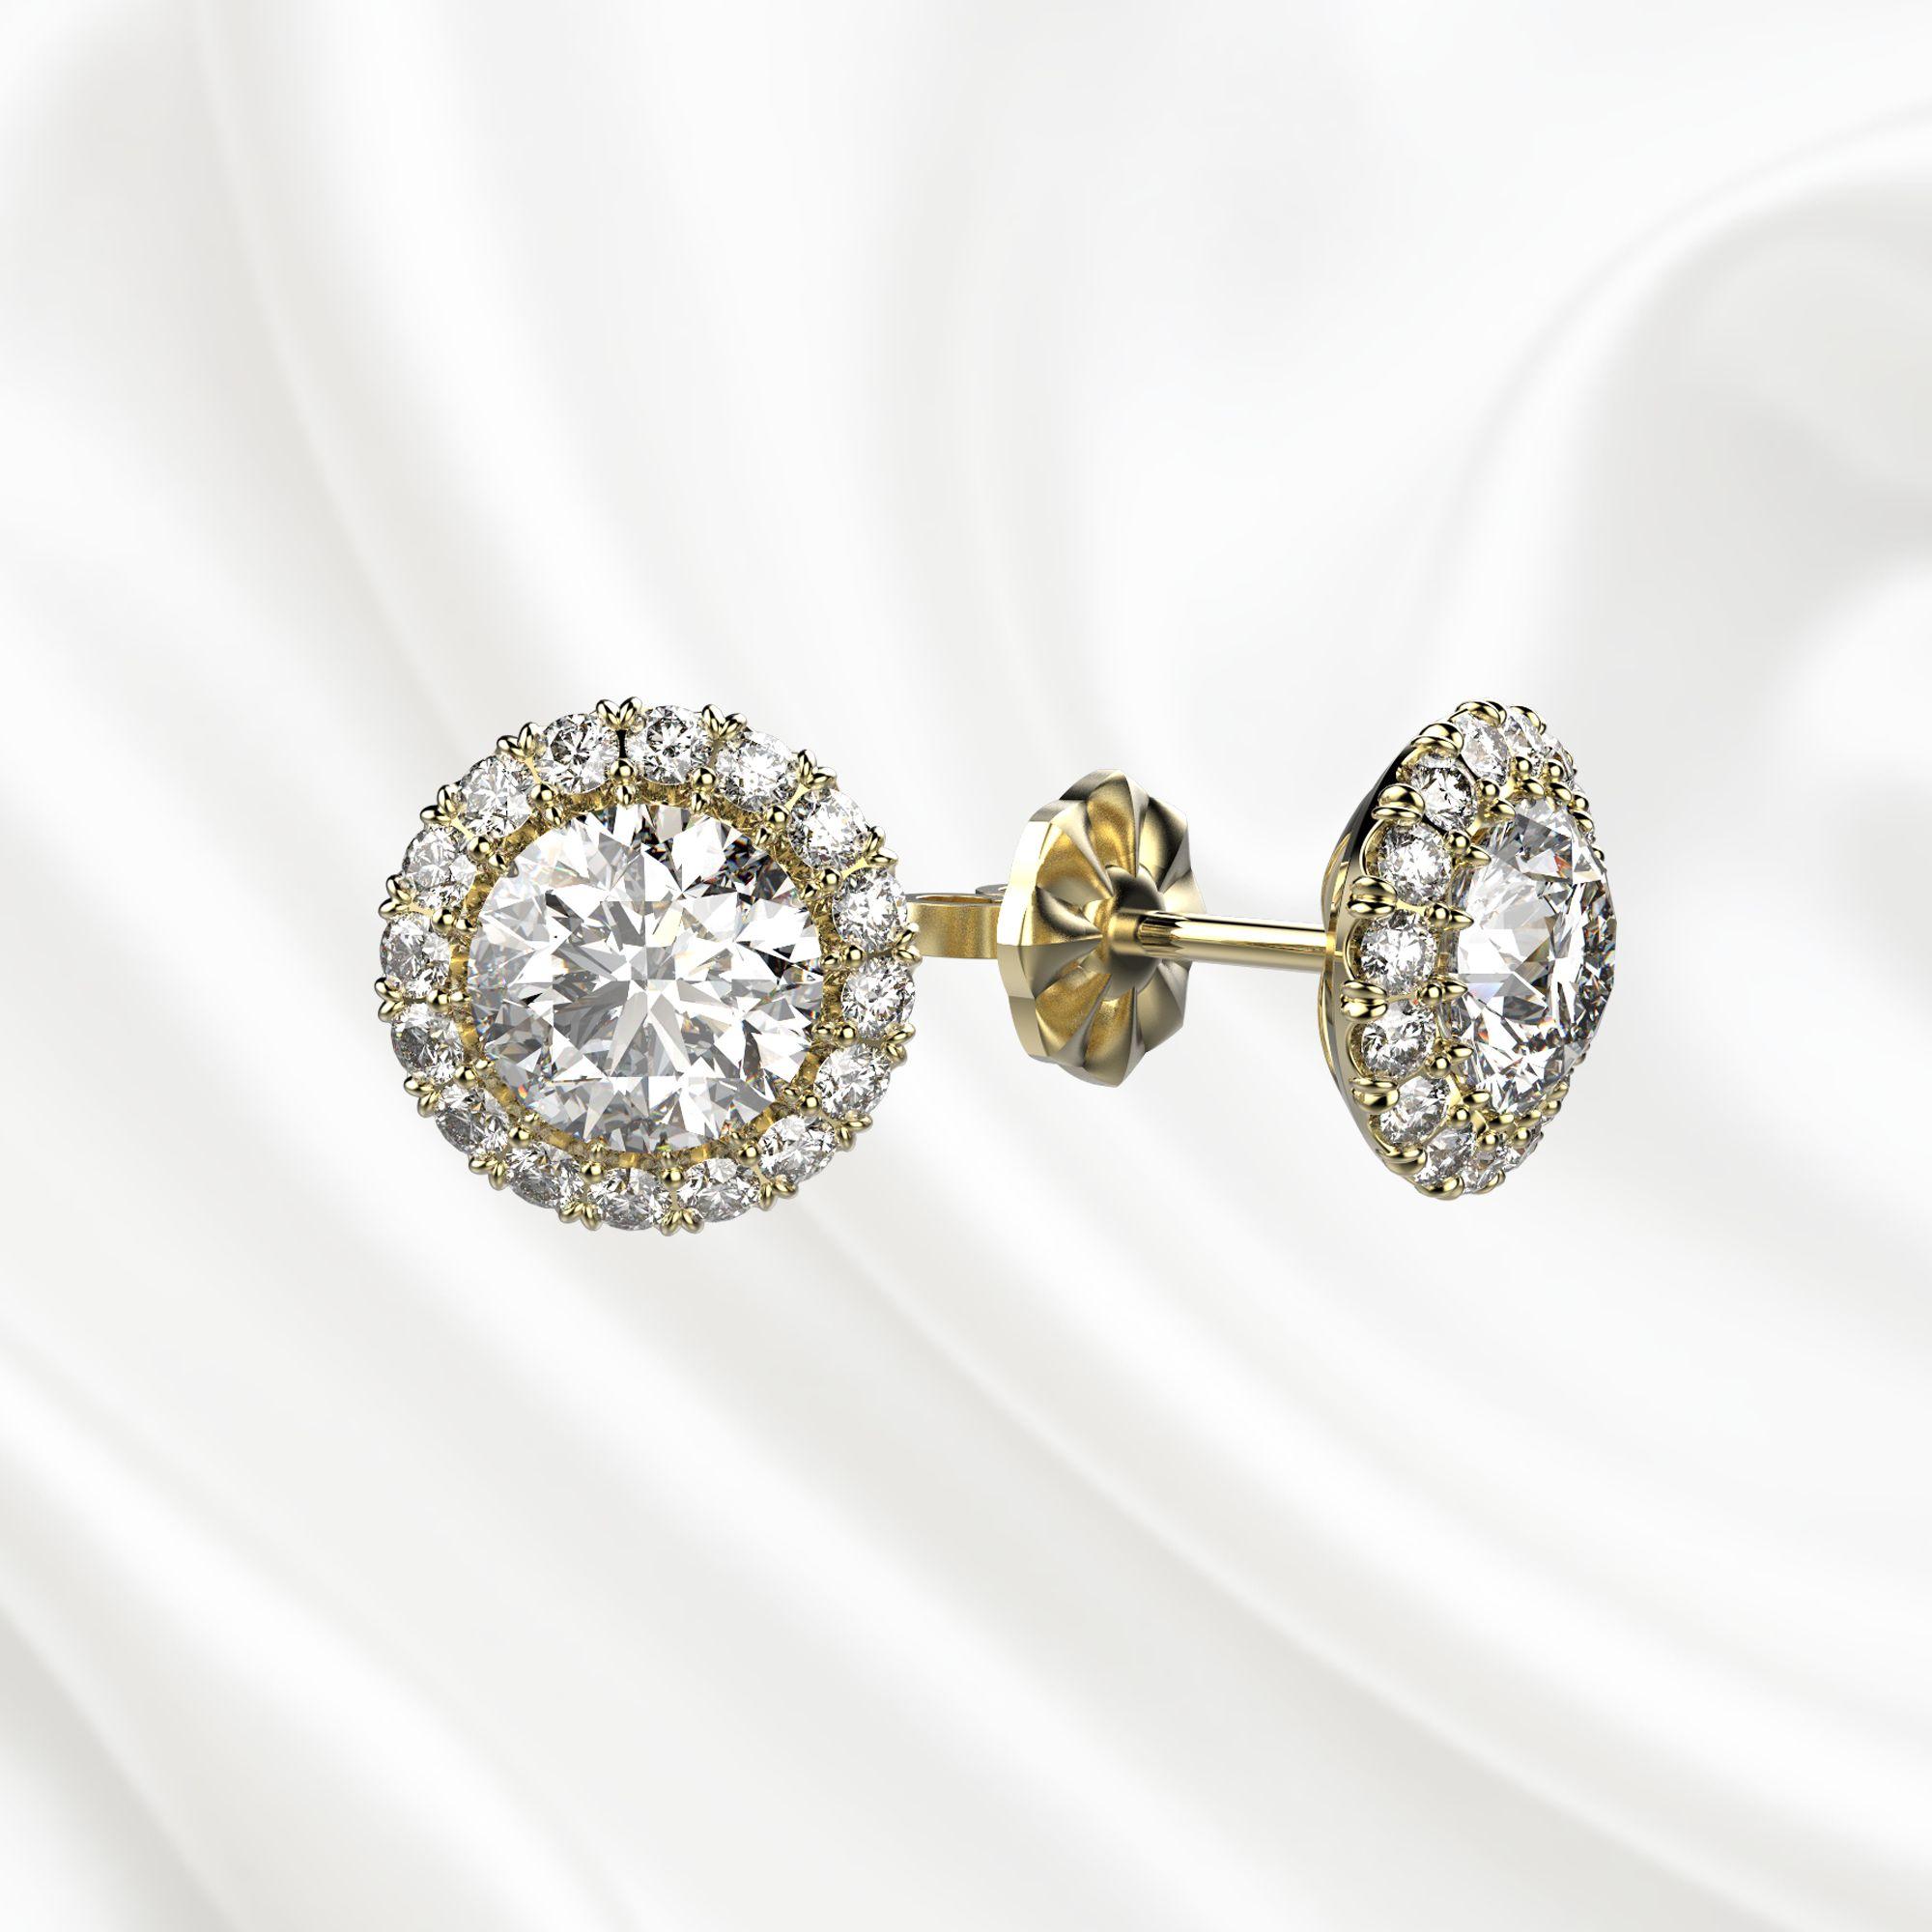 S2 Серьги-пусеты с бриллиантами из желтого золота